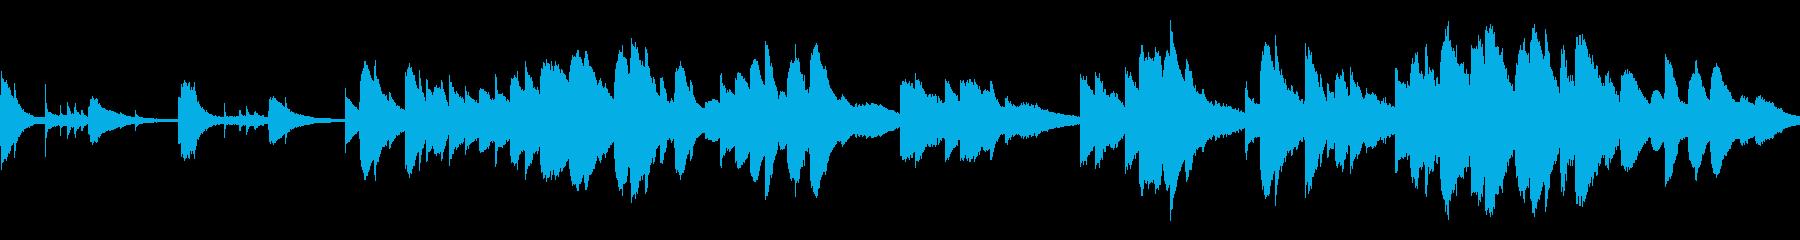 もの寂しい雰囲気のピアノソロ曲(ループ)の再生済みの波形